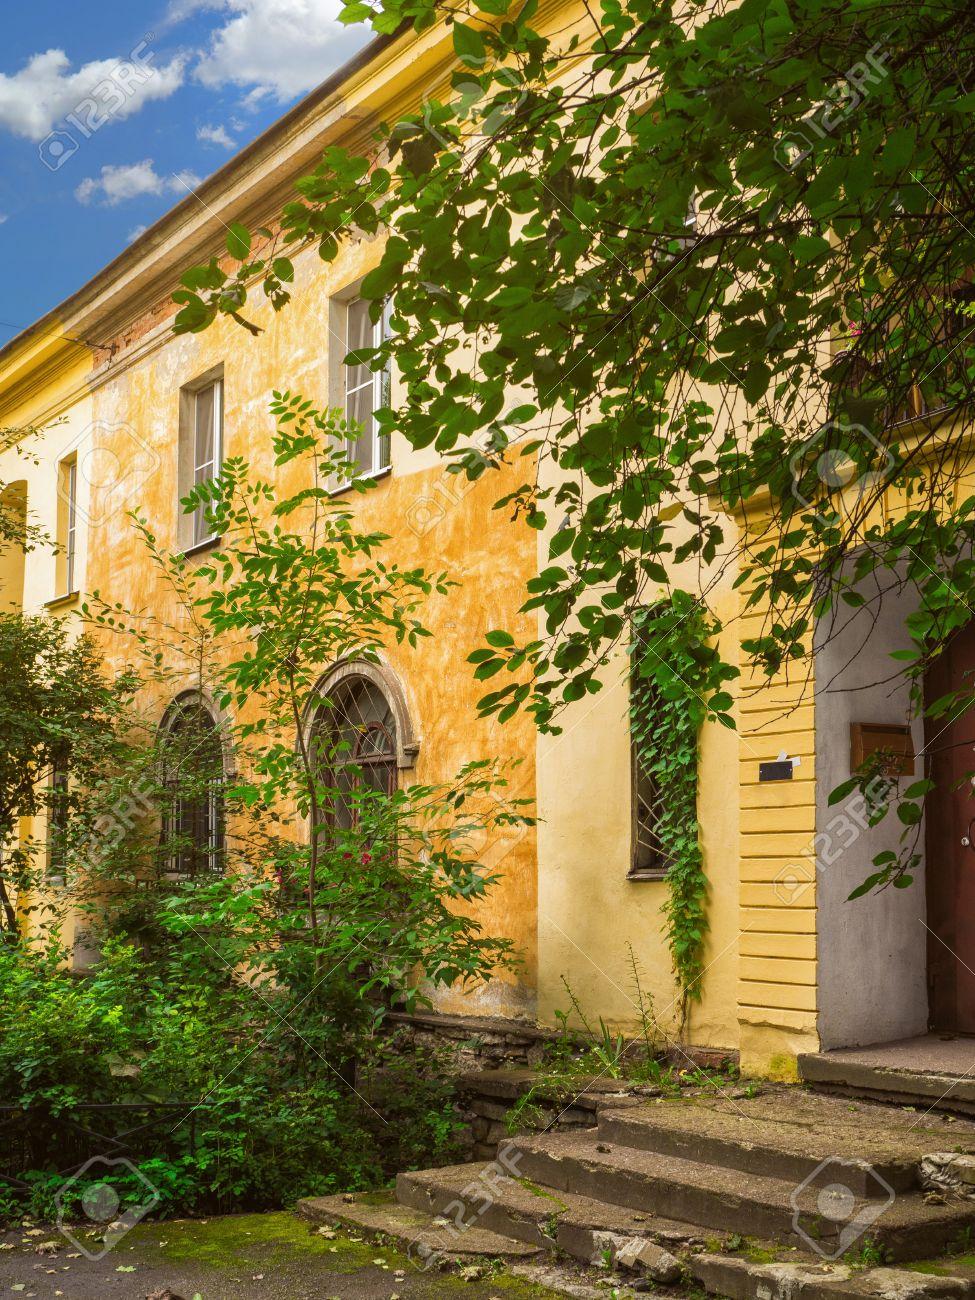 Fabulous Alte Gelbe Fassade Im Grünen Innenhof. Schöne Alte Gebäude Mit IP69